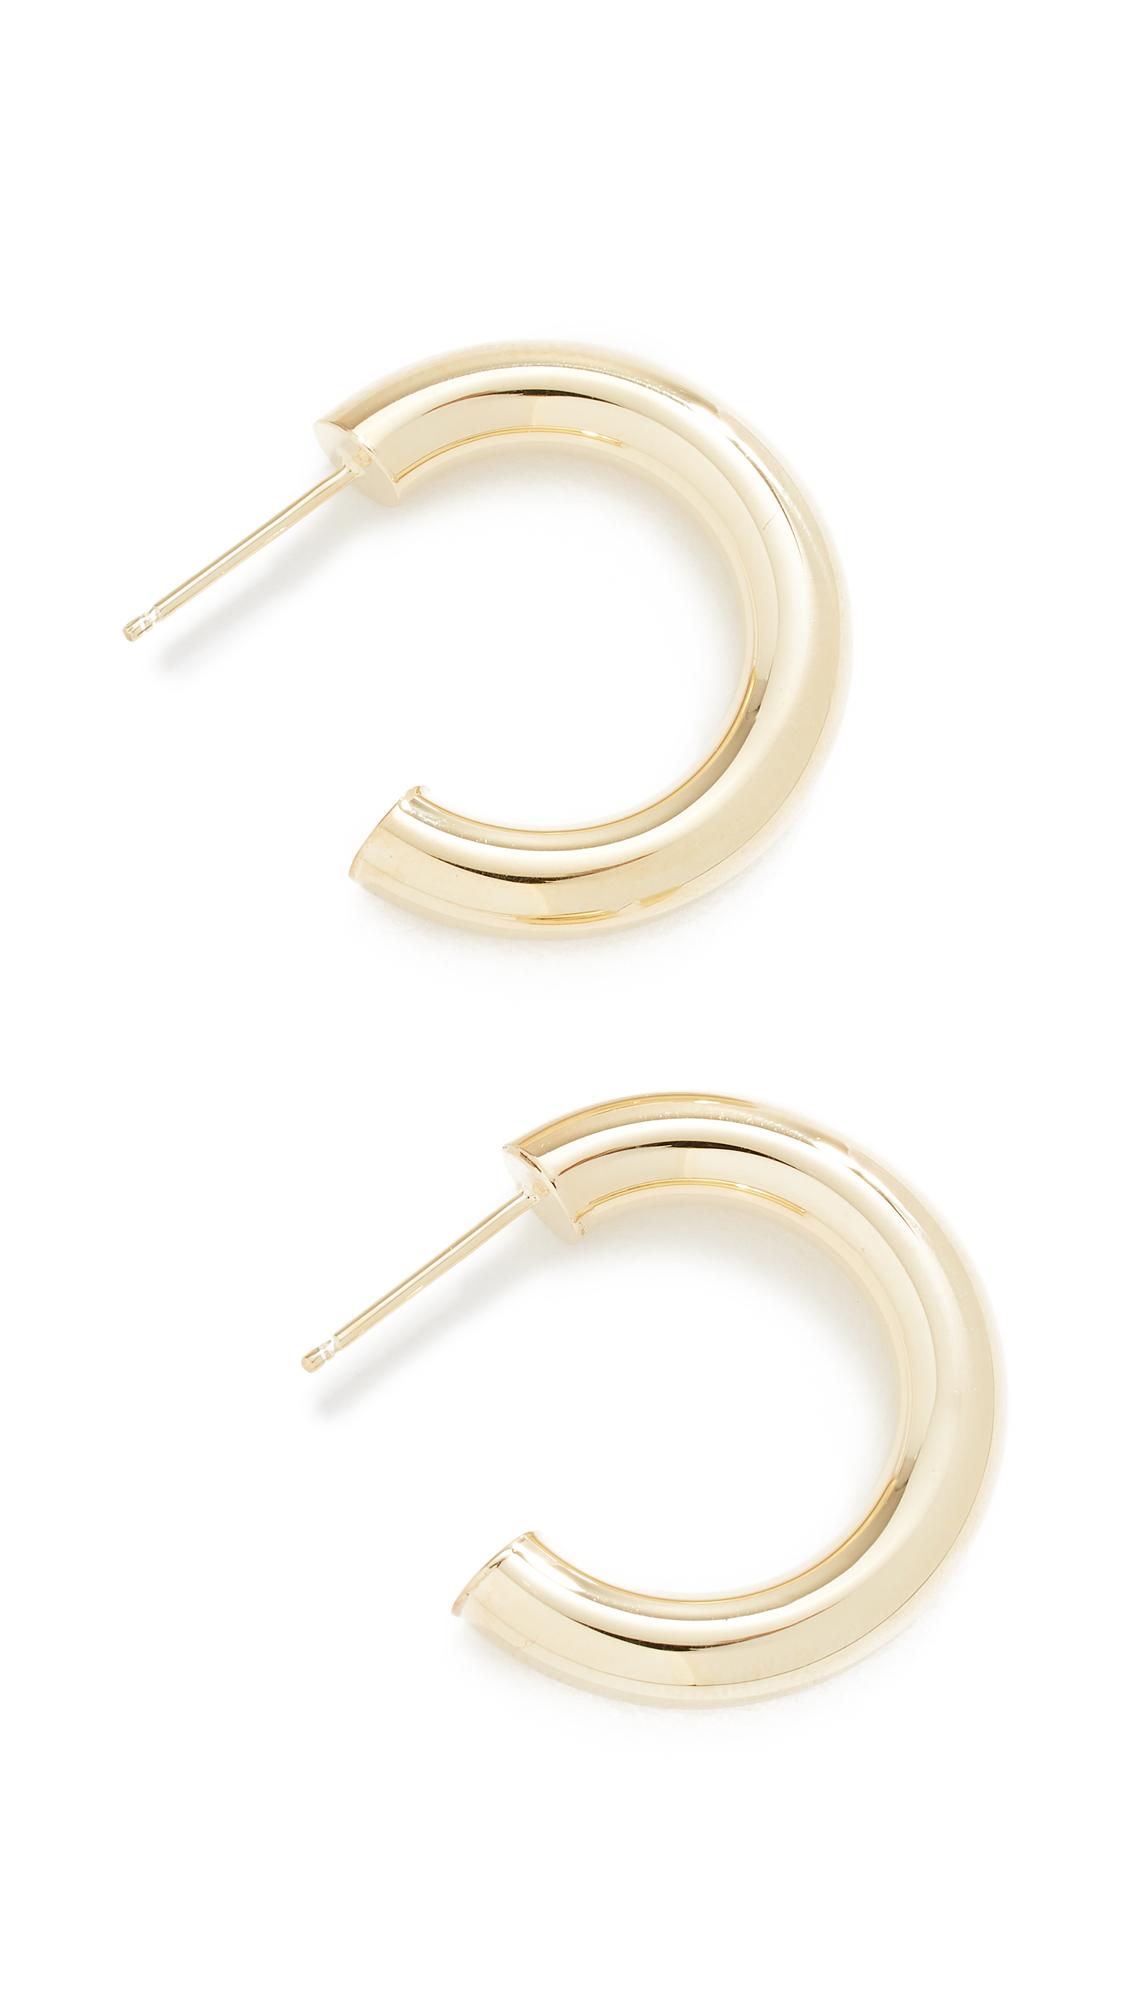 JENNIFER ZEUNER JEWELRY Lou Earrings in Gold